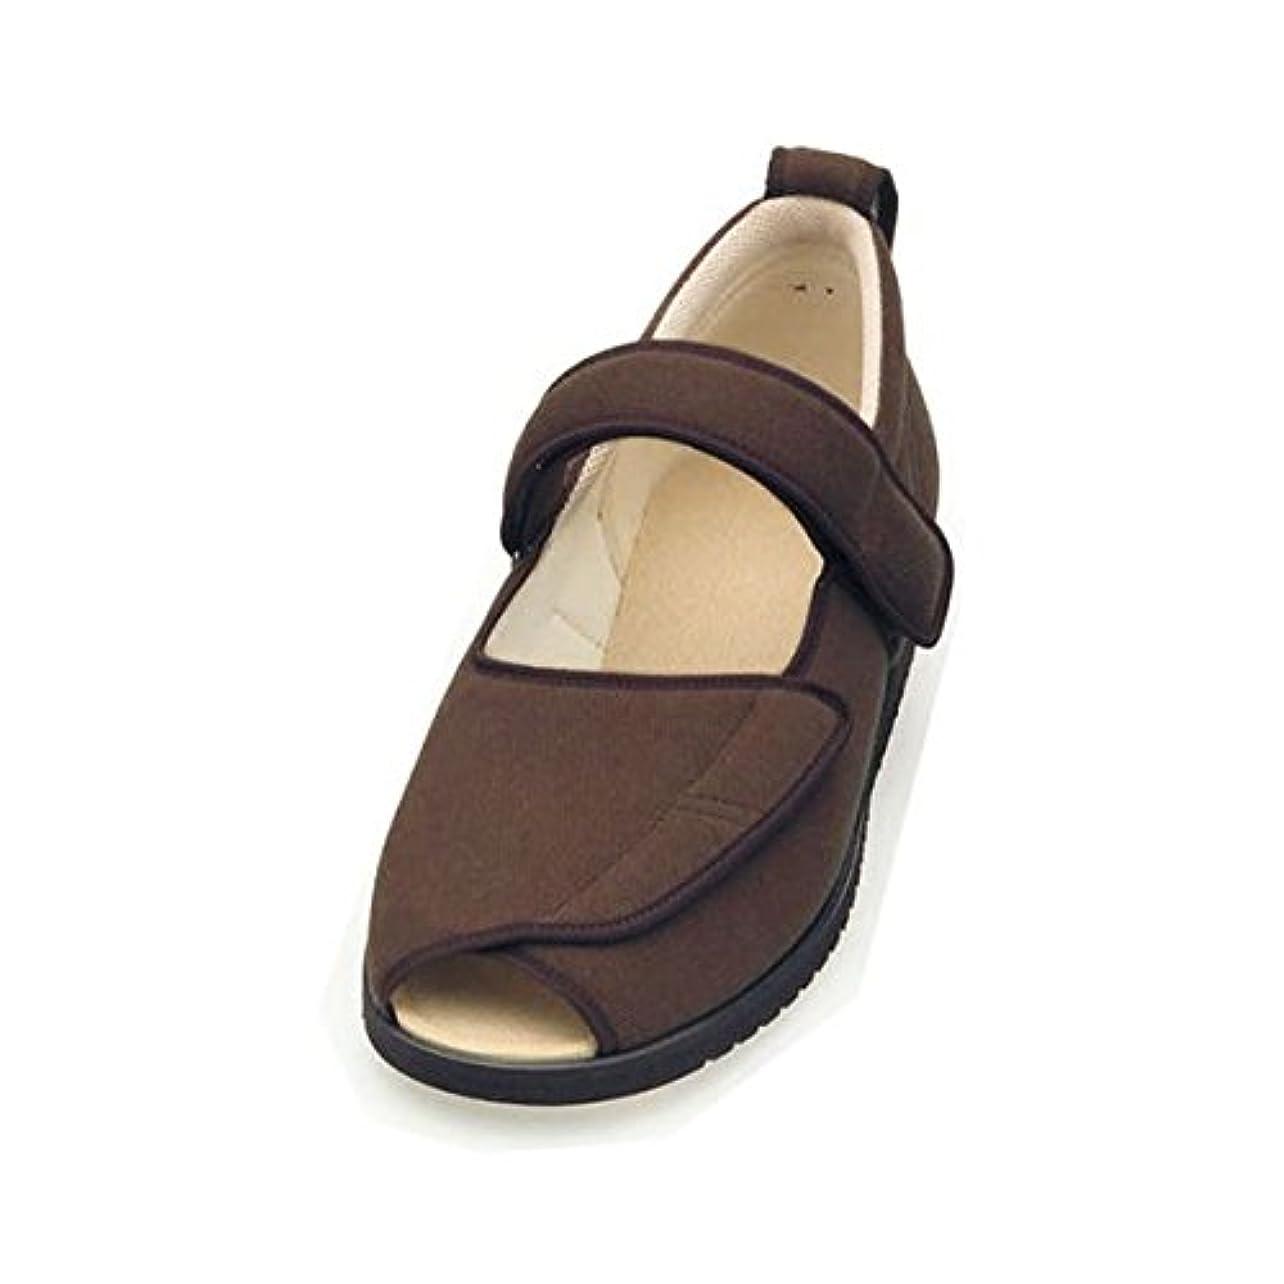 考案する含むミル介護靴 施設 院内用 オープンマジック2 3E 1015 片足 徳武産業 あゆみシリーズ /3L (25.0~25.5cm) ブラウン 右足 ファッション 靴 シューズ サポートシューズ 室内用 top1-ds-1432835...